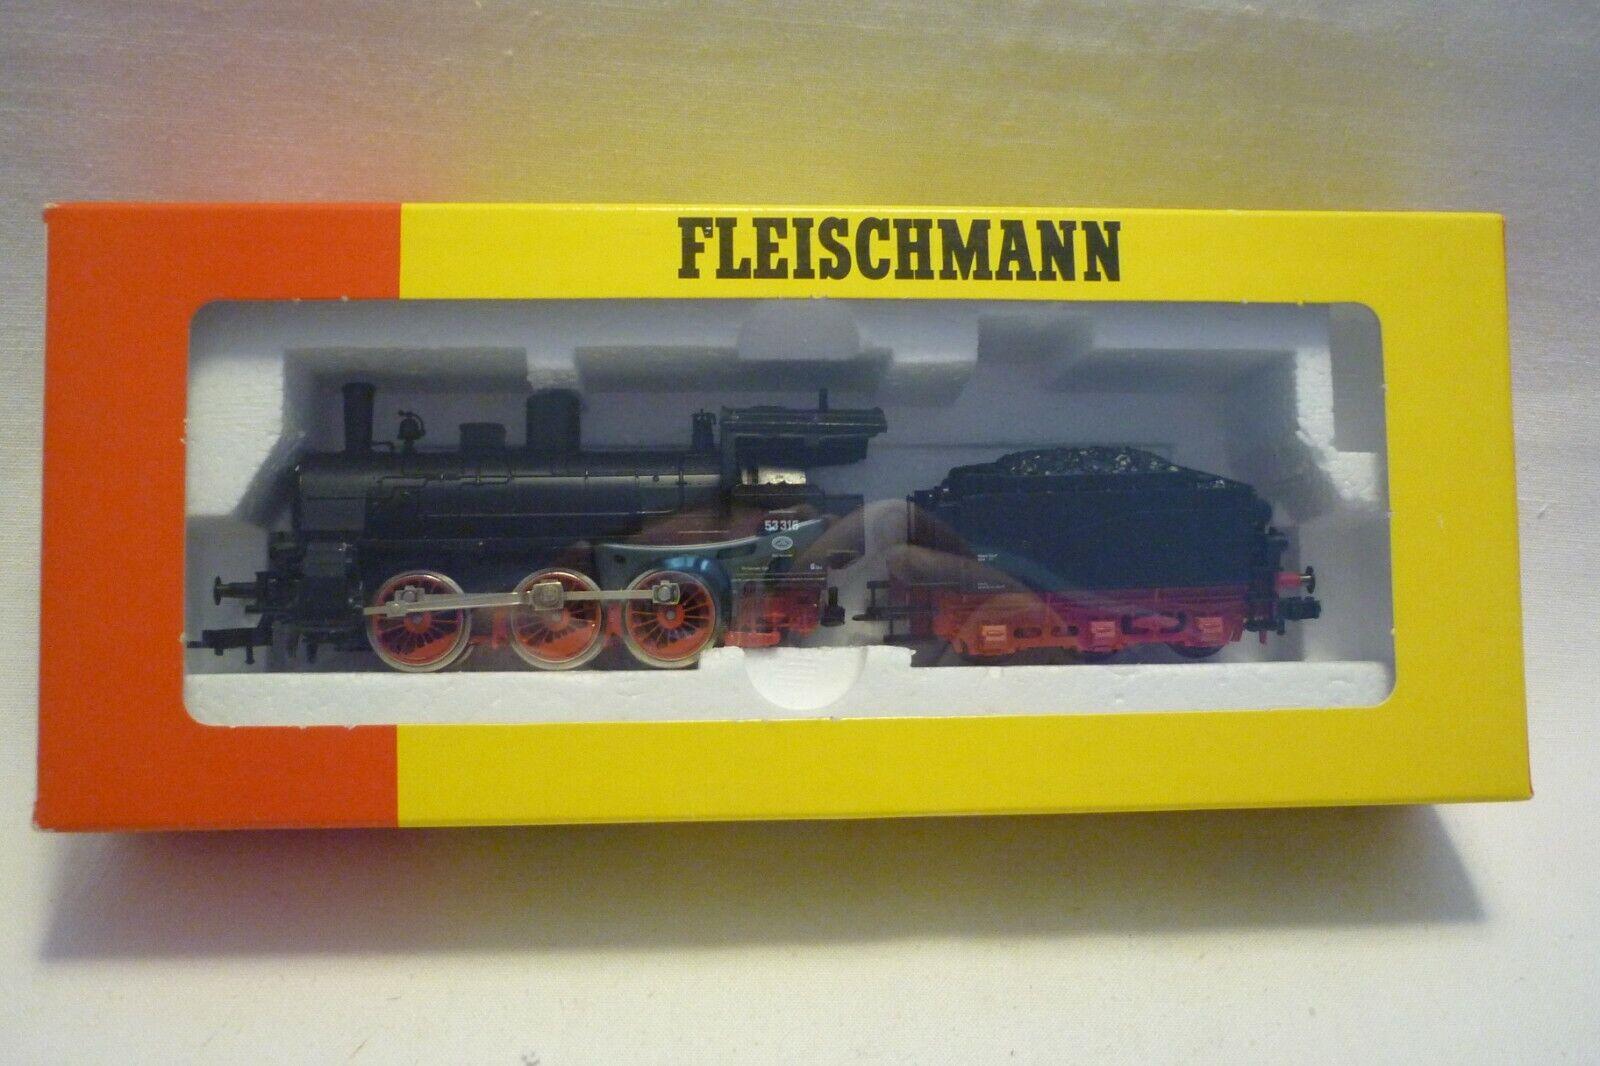 FLEISCHMANN - SPUR H0 - 4124 DAMPFLOK MIT TENDER - DR 53 316 - OVP (10.EI-80)